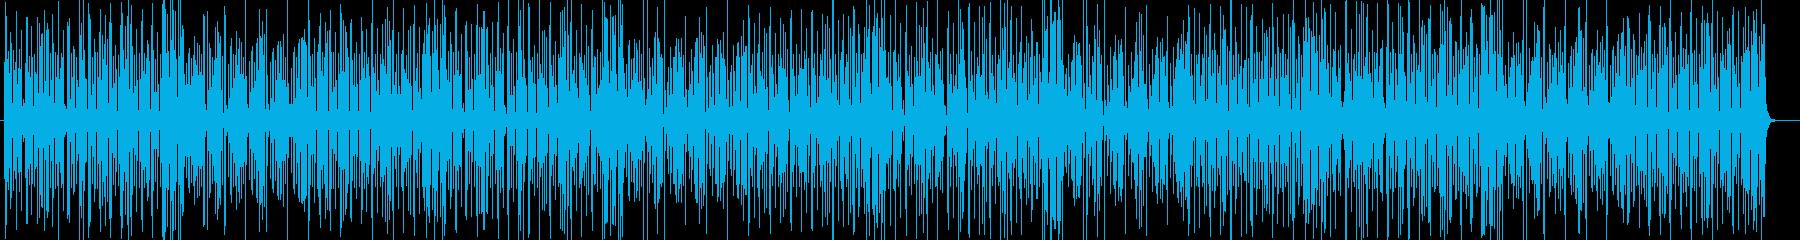 シリアスなトランペット弦楽器などジャズ系の再生済みの波形